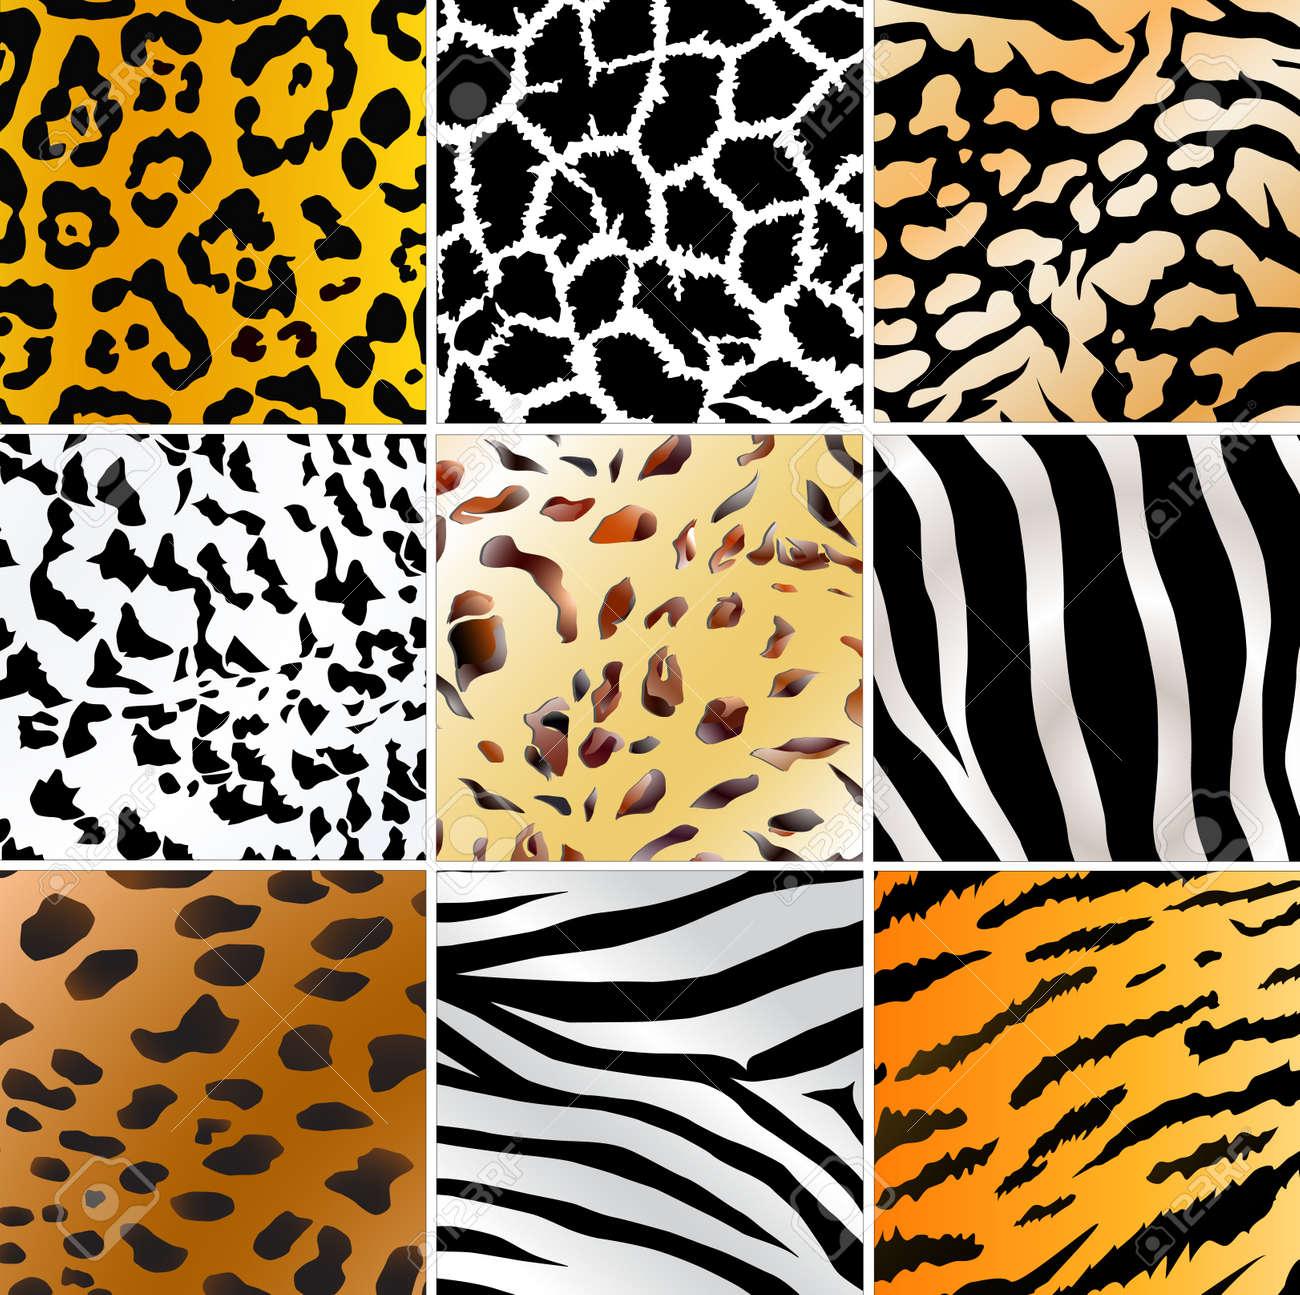 Set of nine different wild animals skin patterns - 6973386